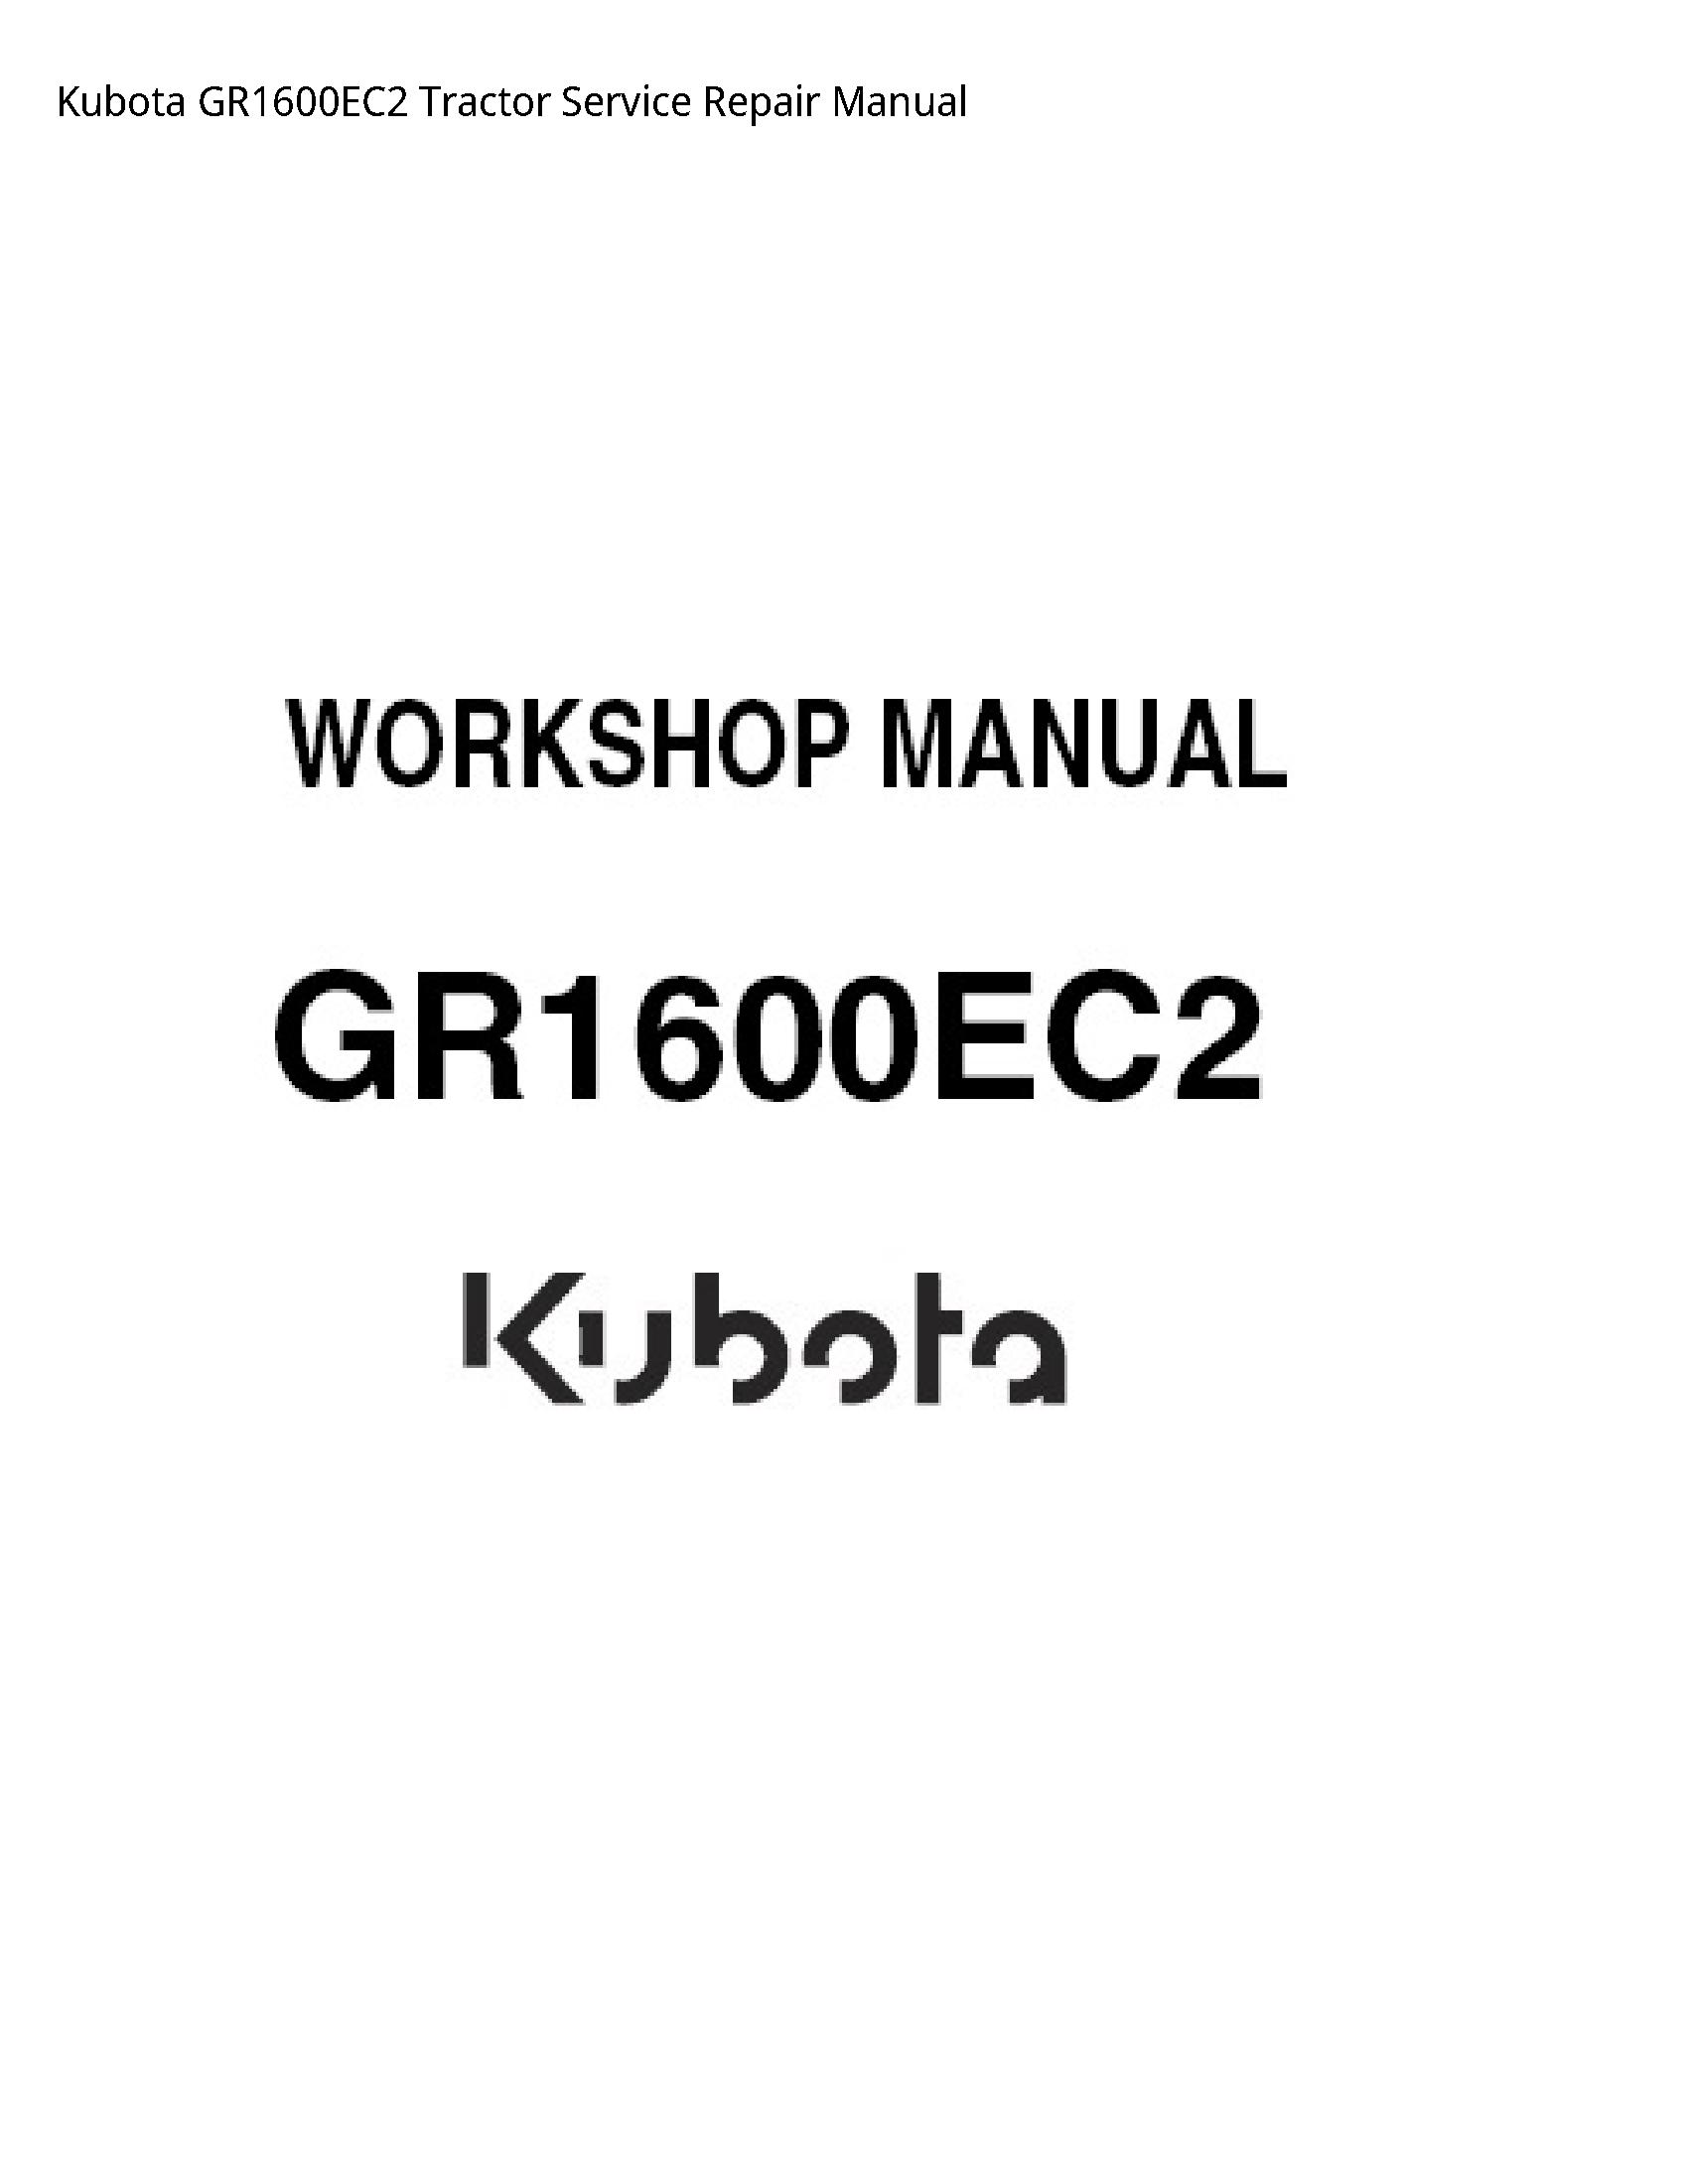 Kubota GR1600EC2 Tractor manual